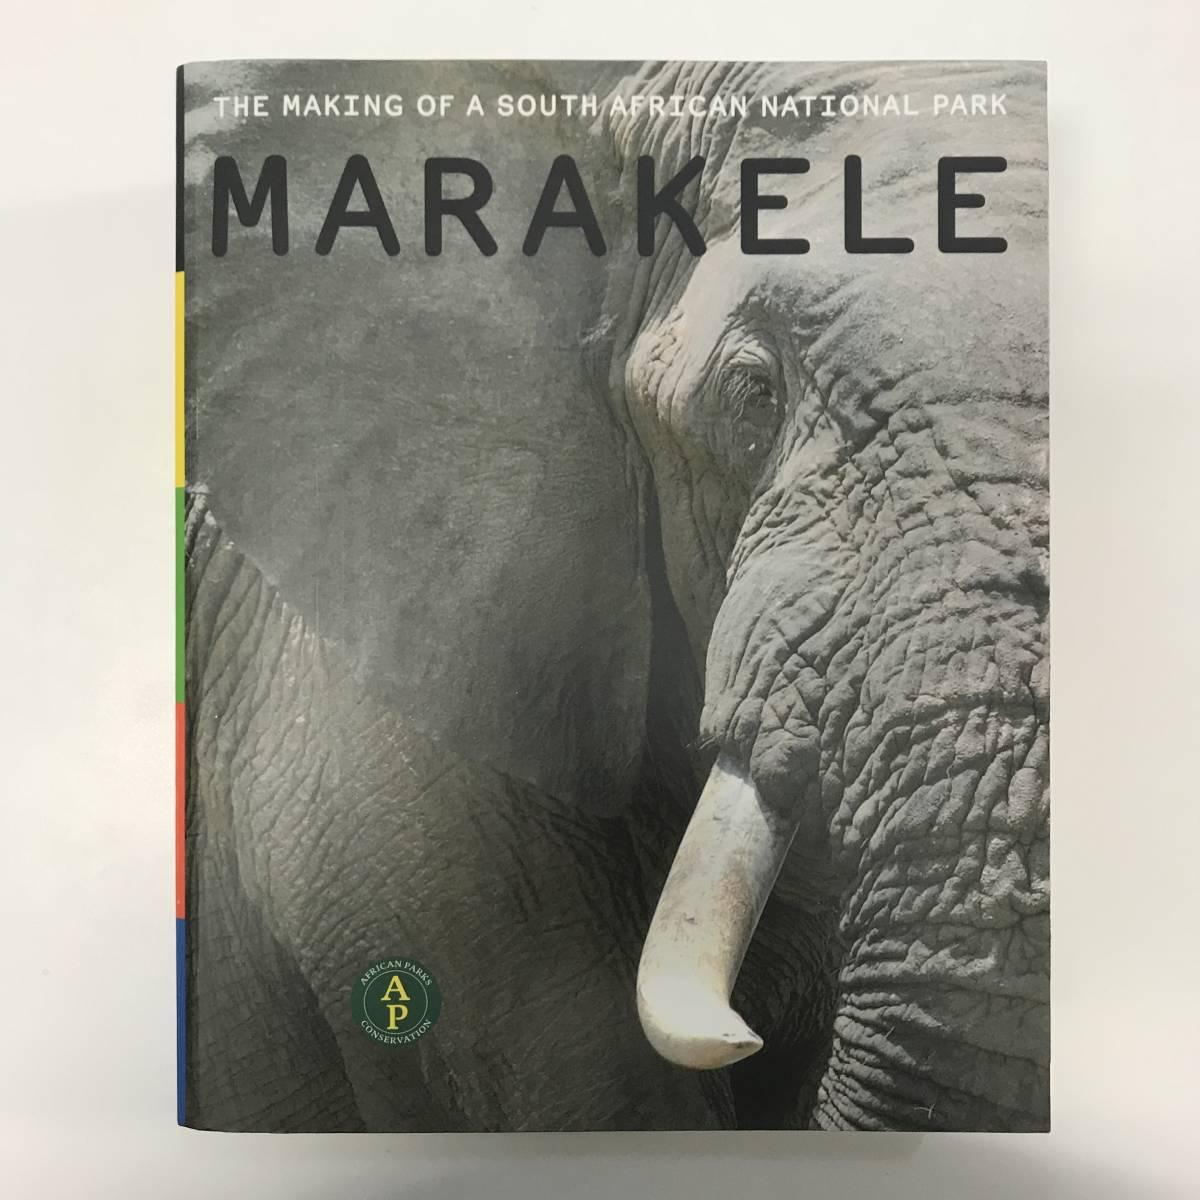 洋書 写真集 Marakele The Making of a South African National Park gg00531_k4_画像1